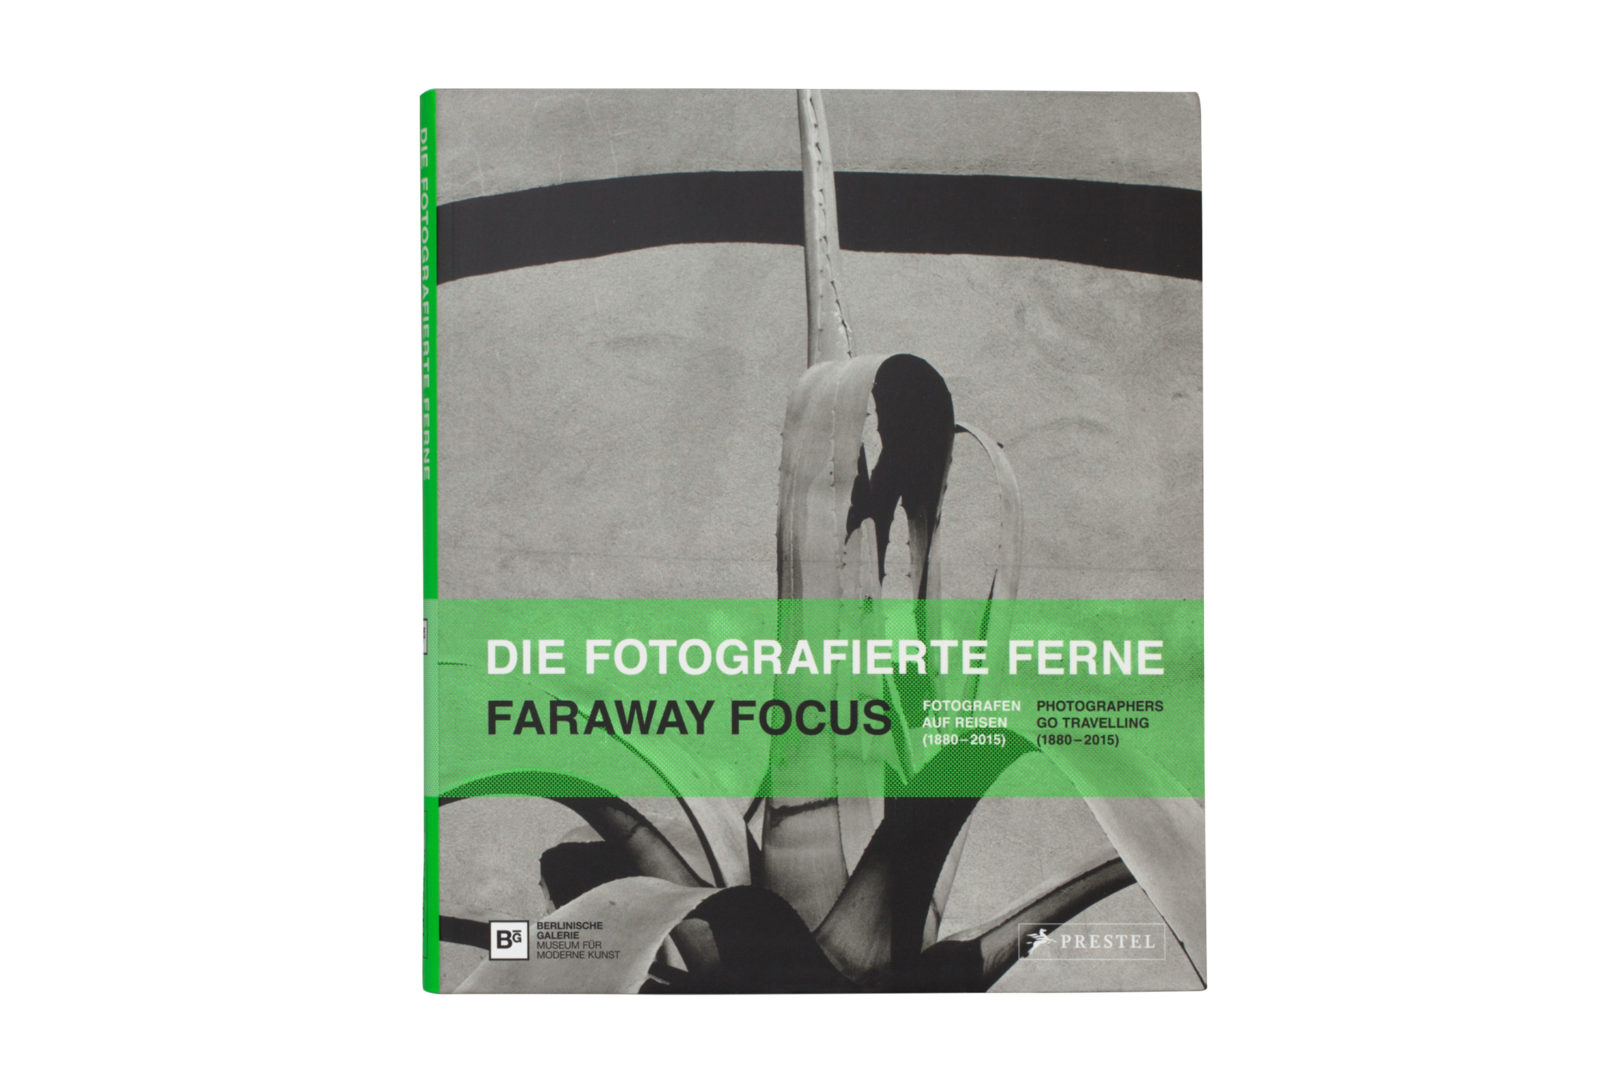 http://e-o-t.de/wordpress/wp-content/uploads/2017/12/eot-2017-FotografierteFerne-Book-1.jpg